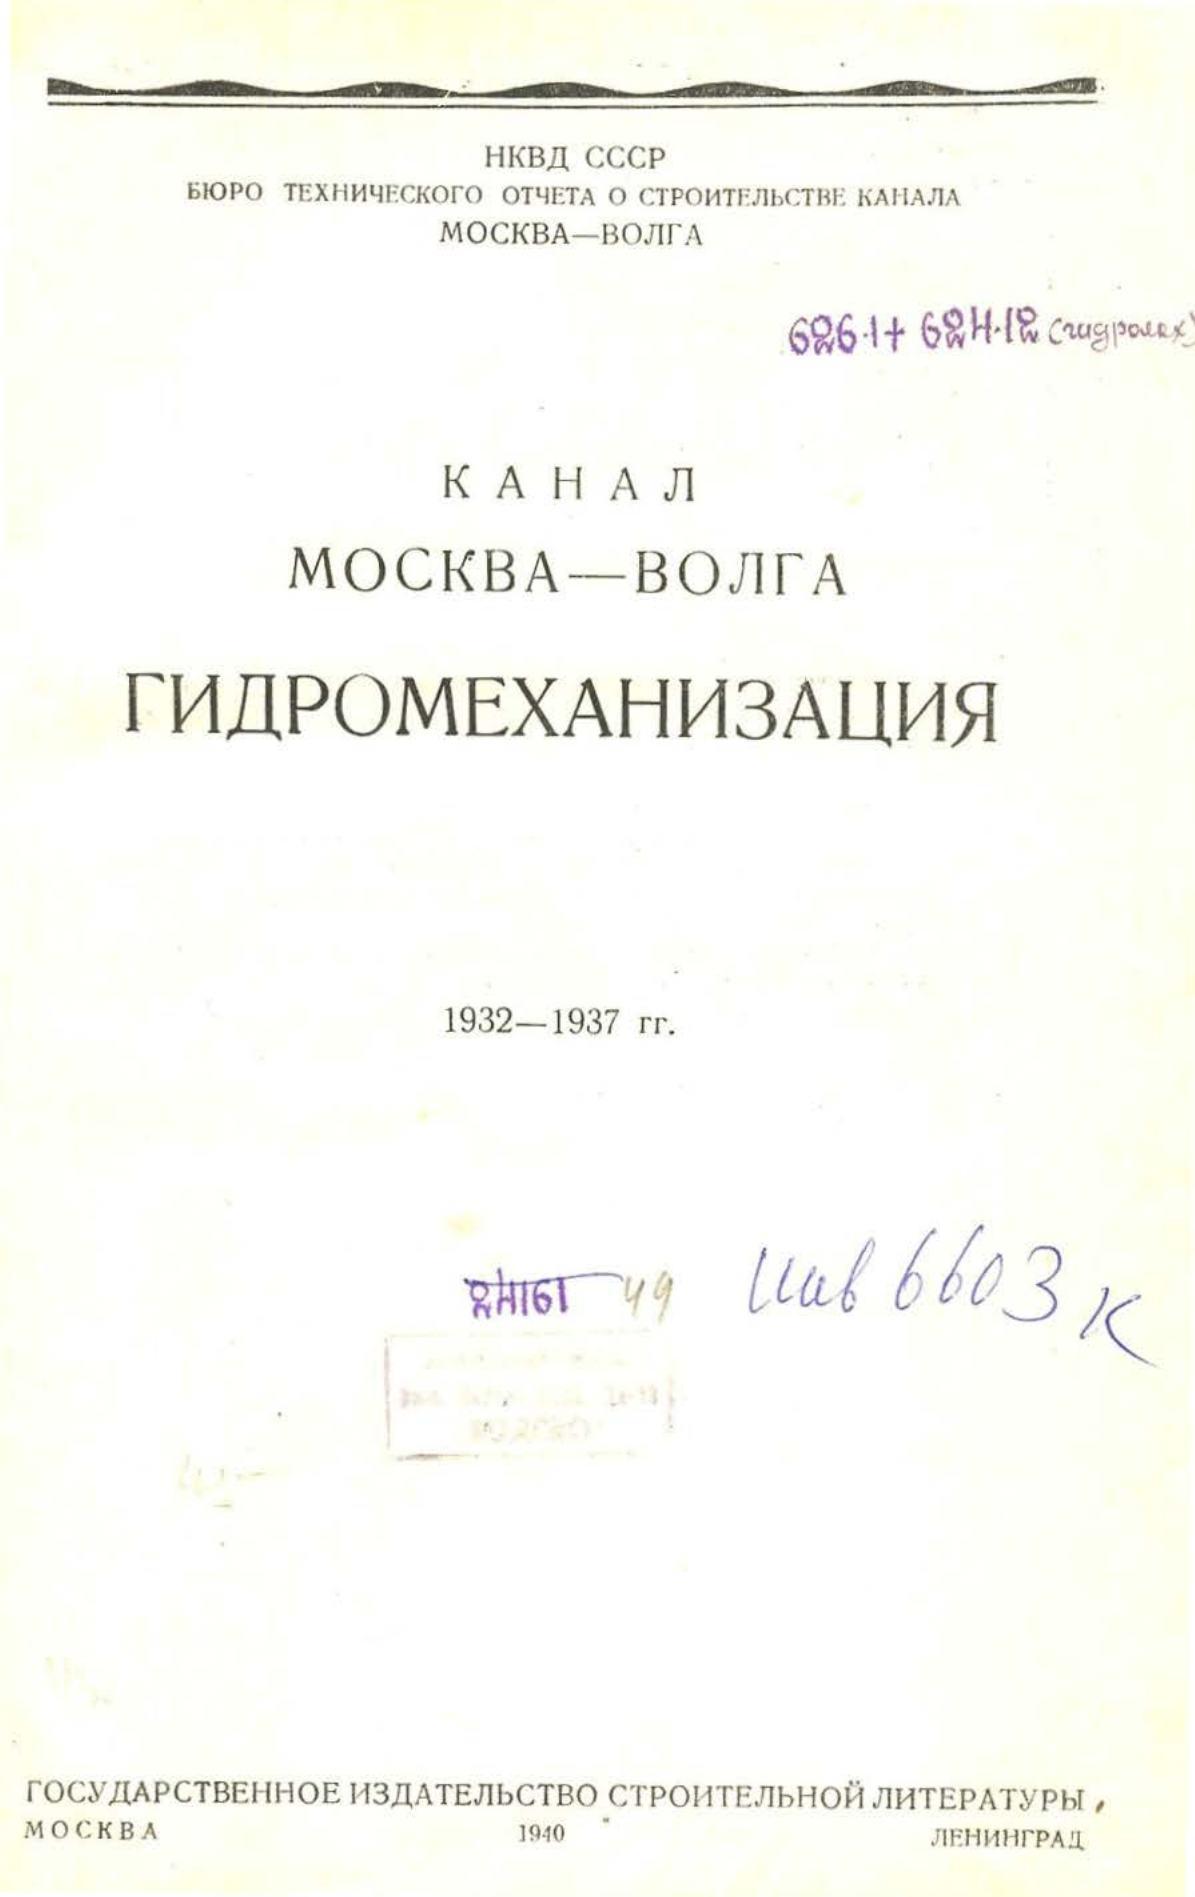 kanal-moskva-volga-1932-1937-gidromehanizatciia-1940_Page5.jpg